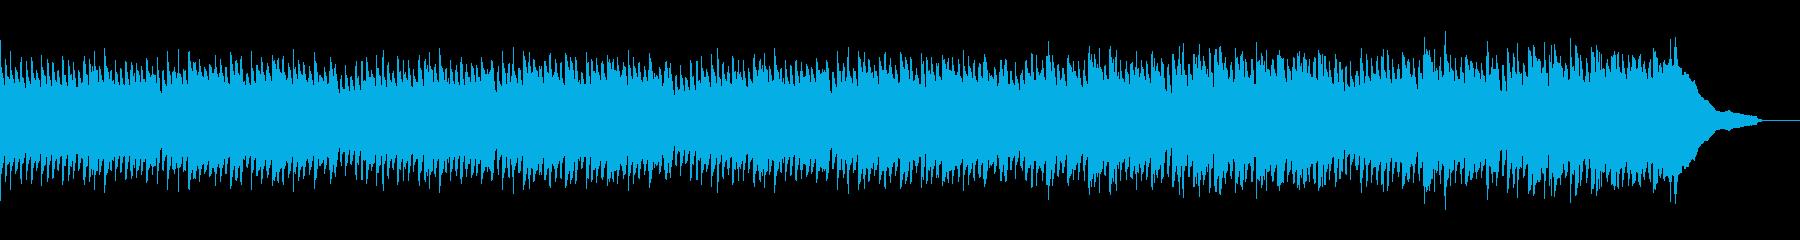 Corporate Piano 134の再生済みの波形